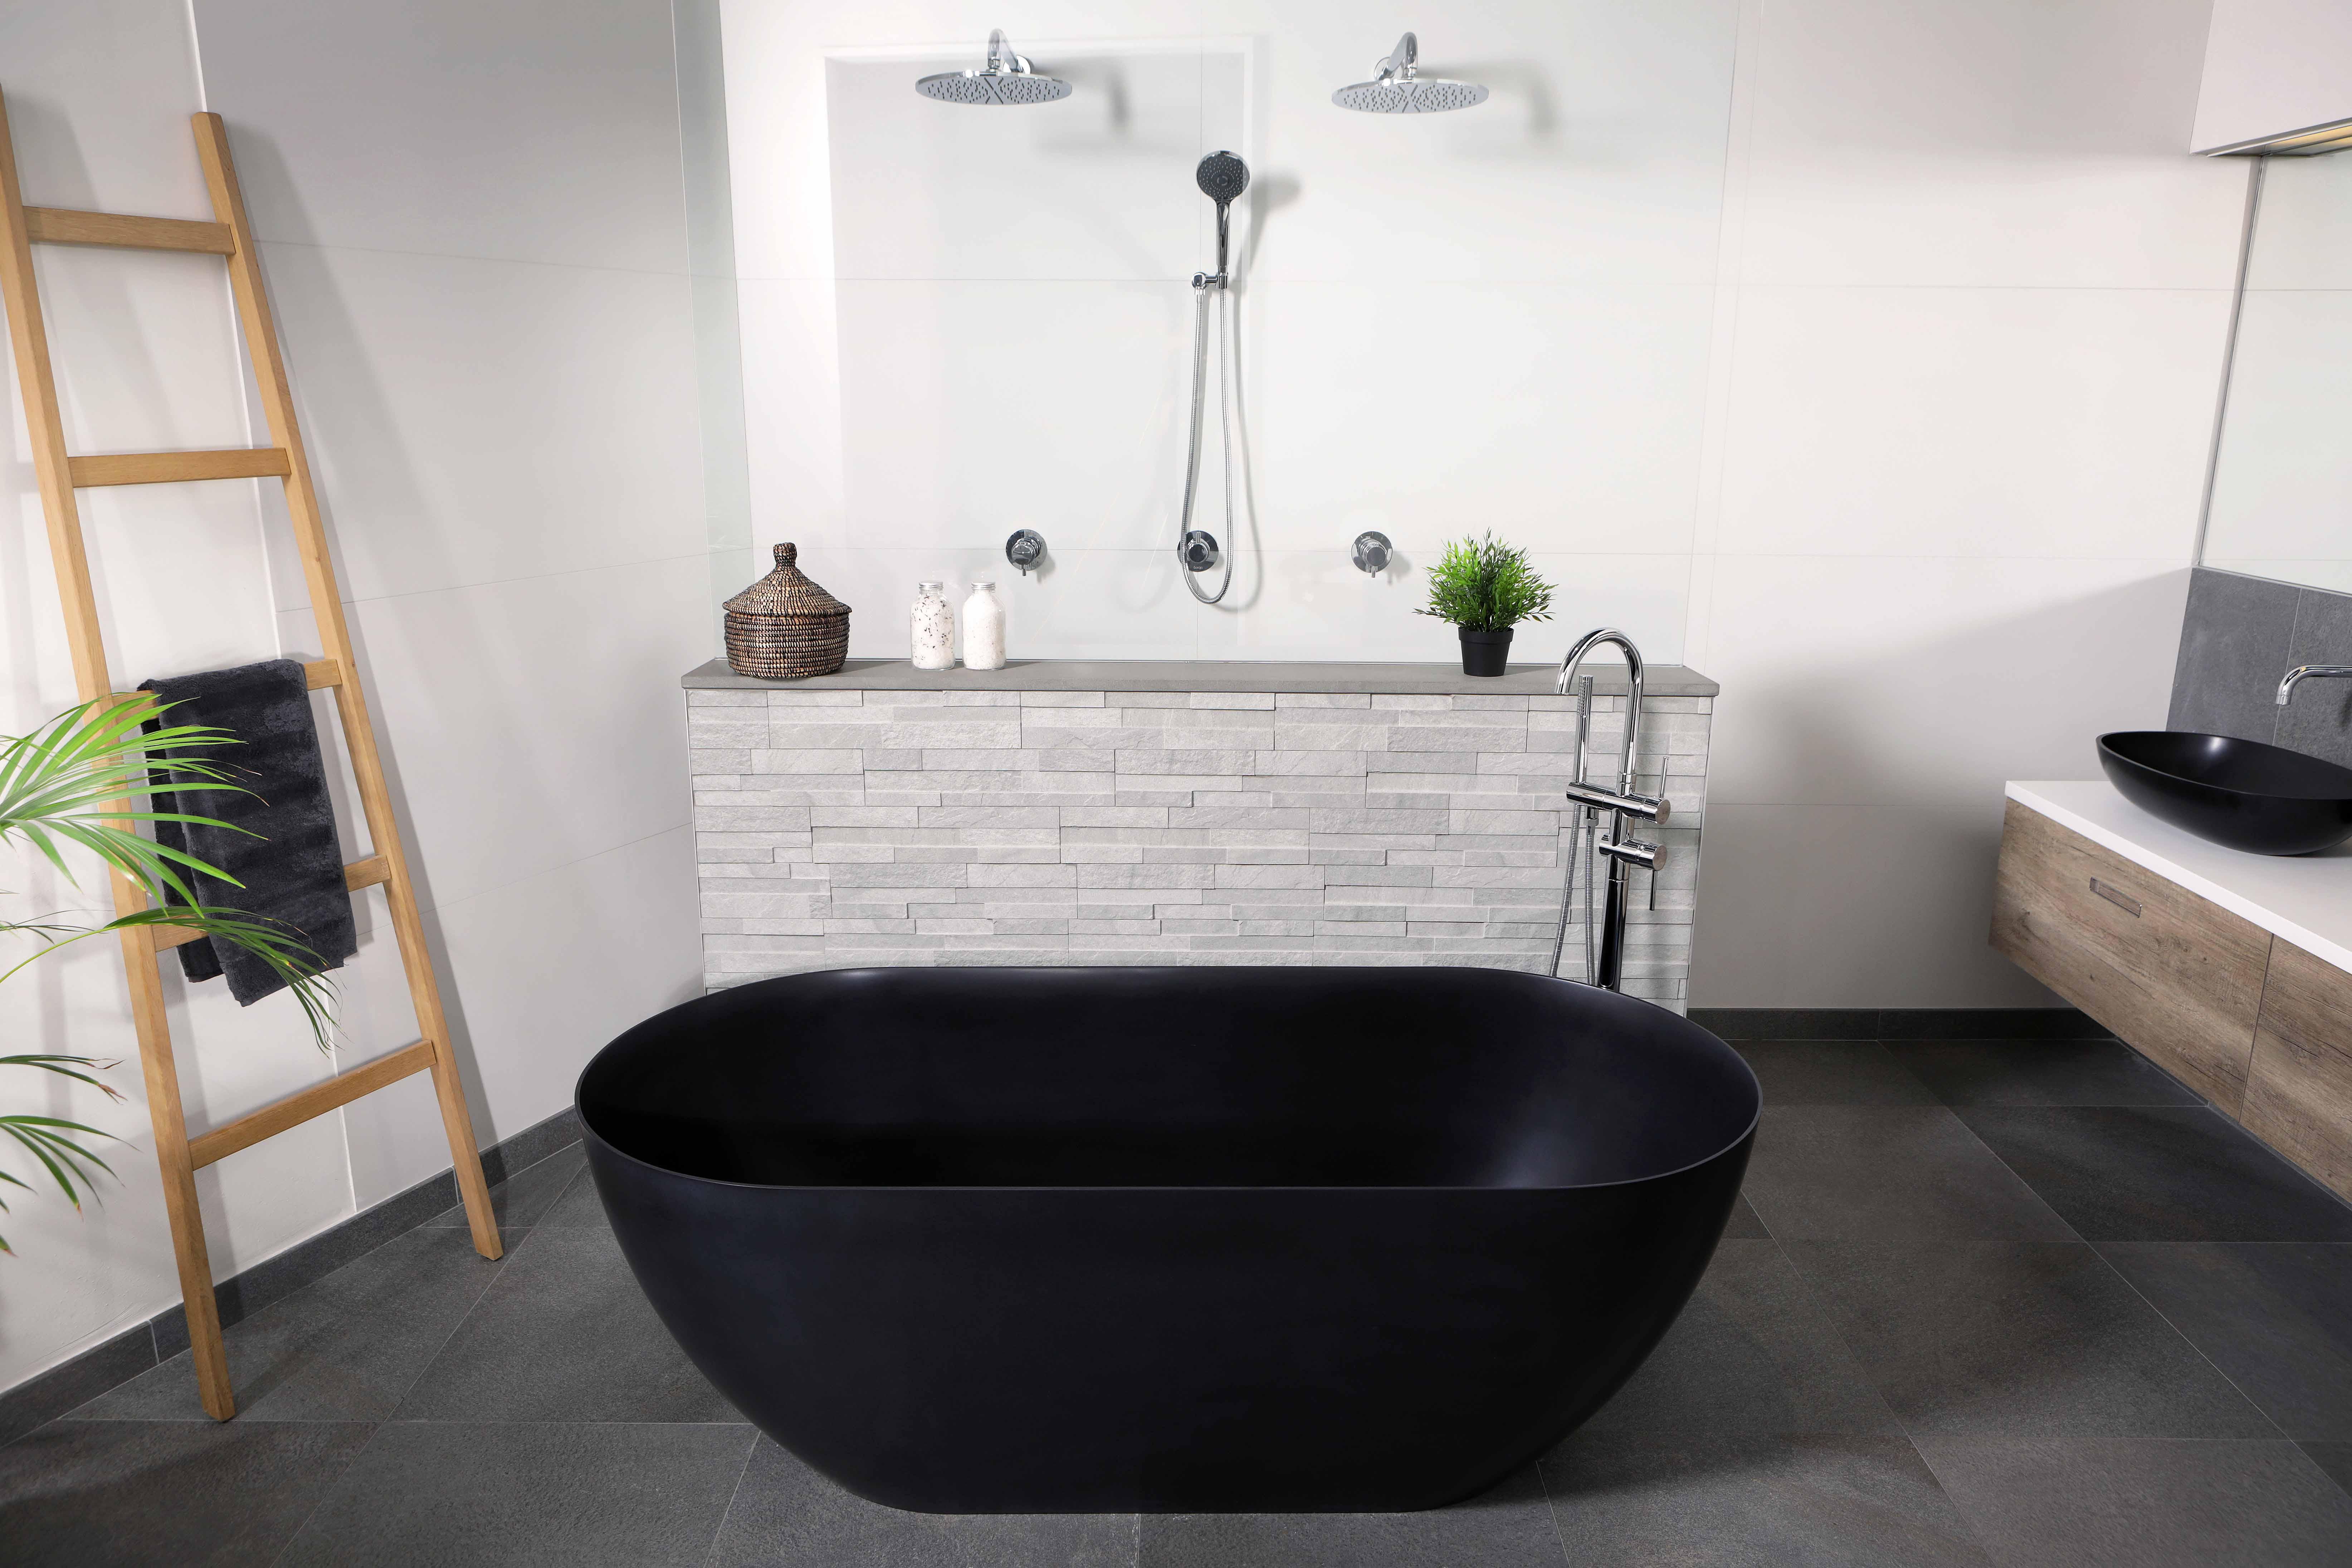 Vrijstaand zwart bad van solid surface - LUVA1750A